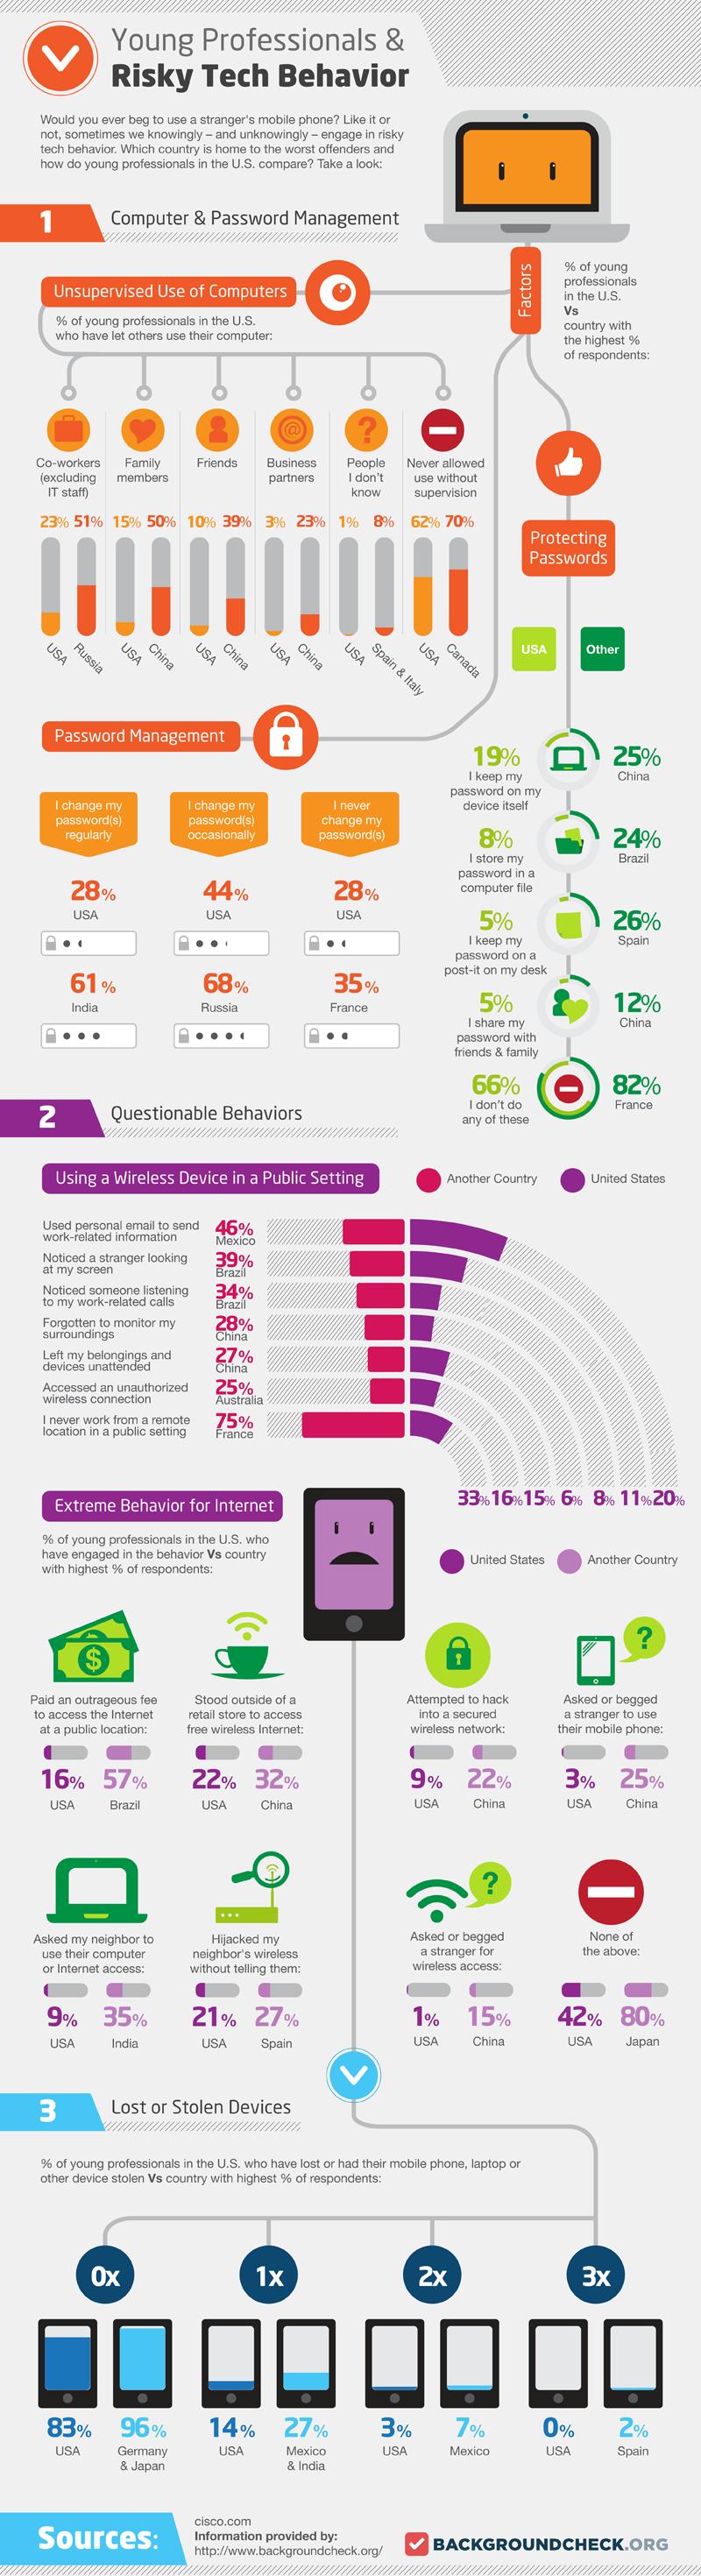 Young Professionals Risky Digital Behavior